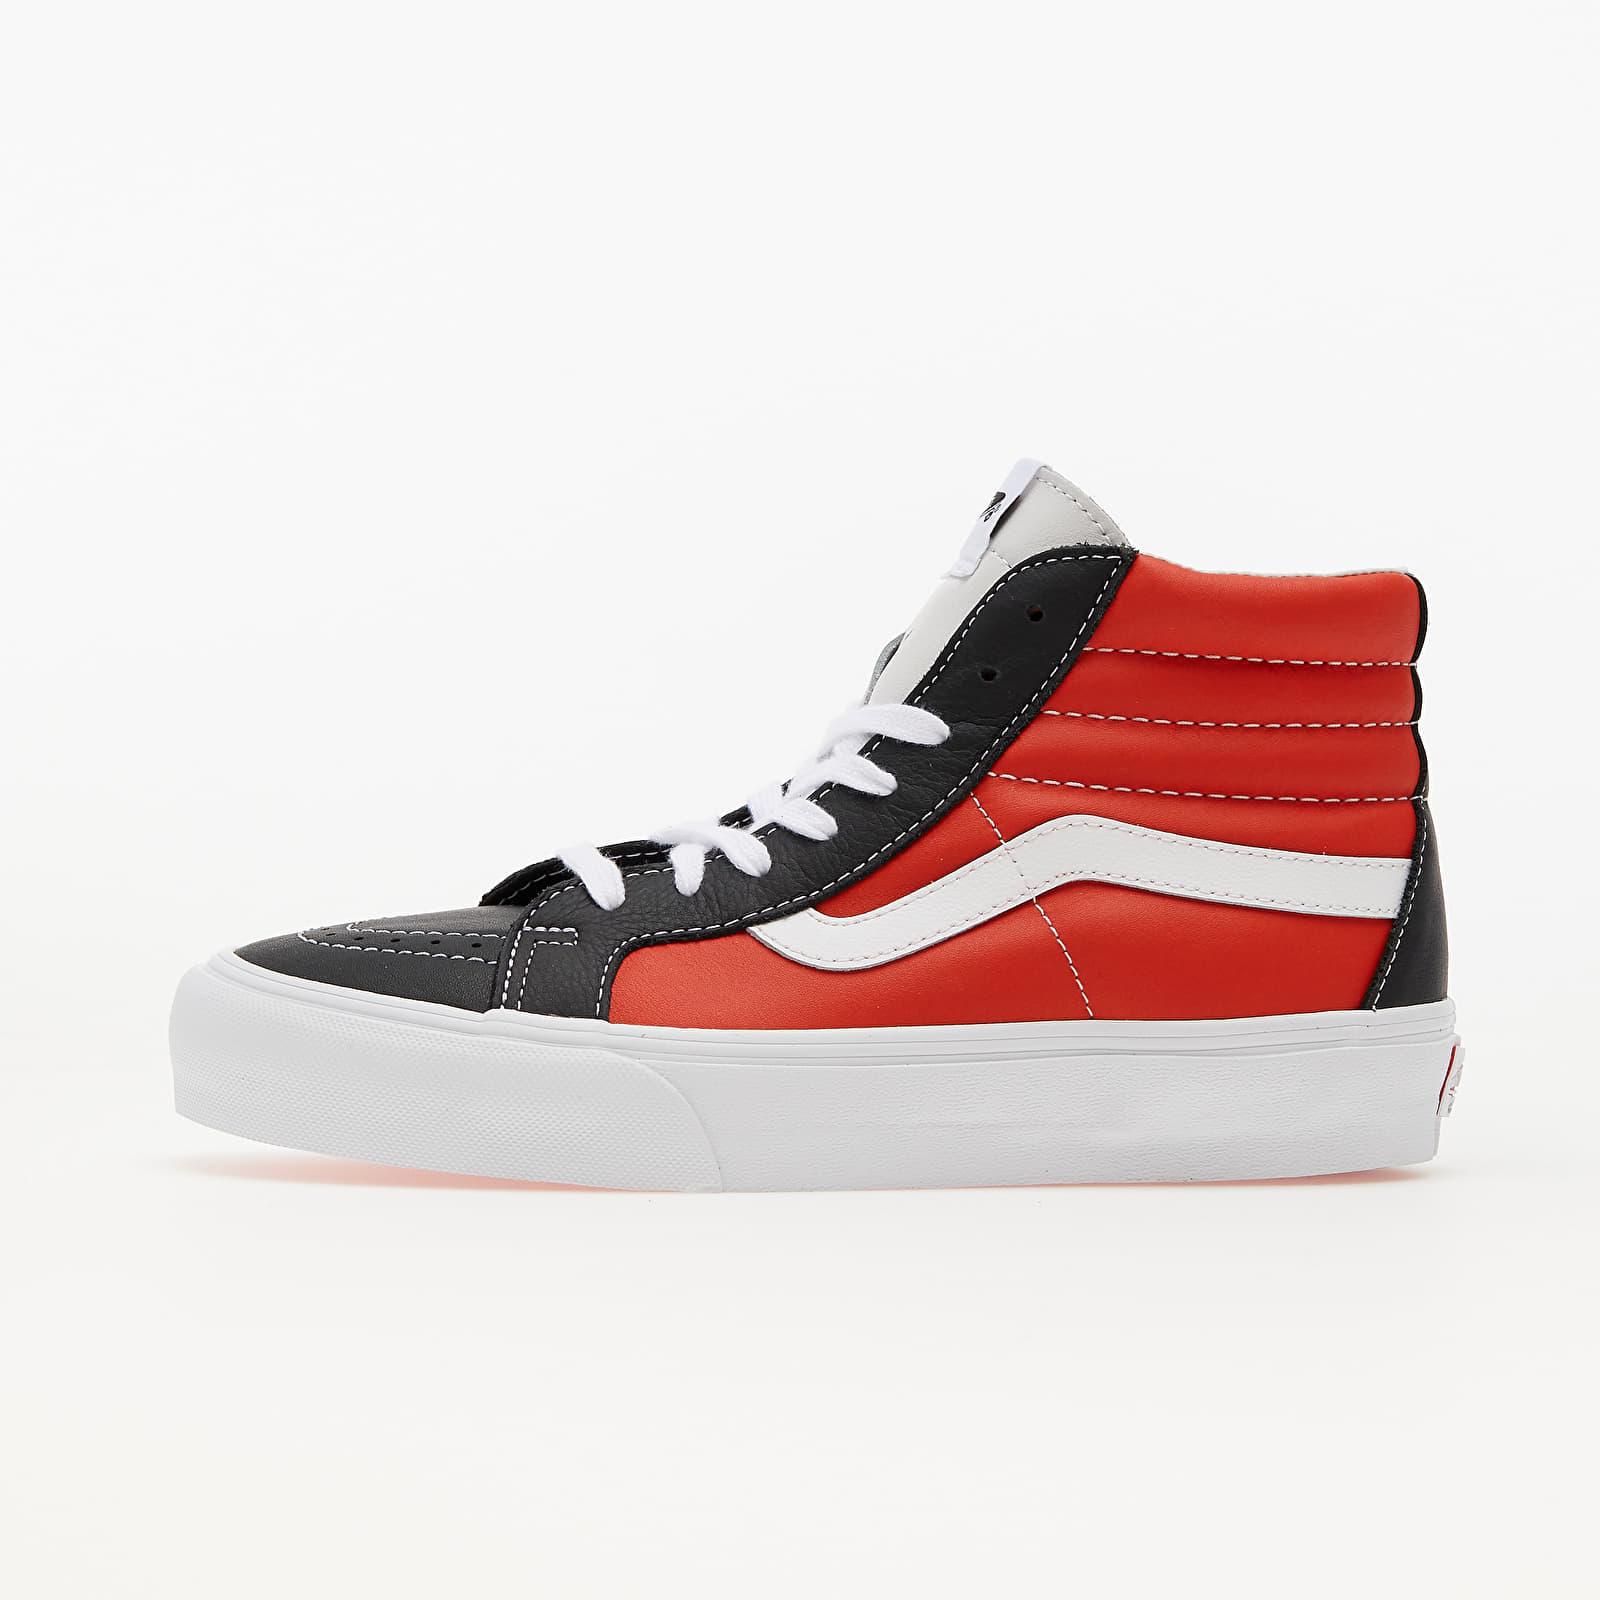 Vans Sk8-Hi Reissue Vlt (Leather) Black/ Orange/ White EUR 43